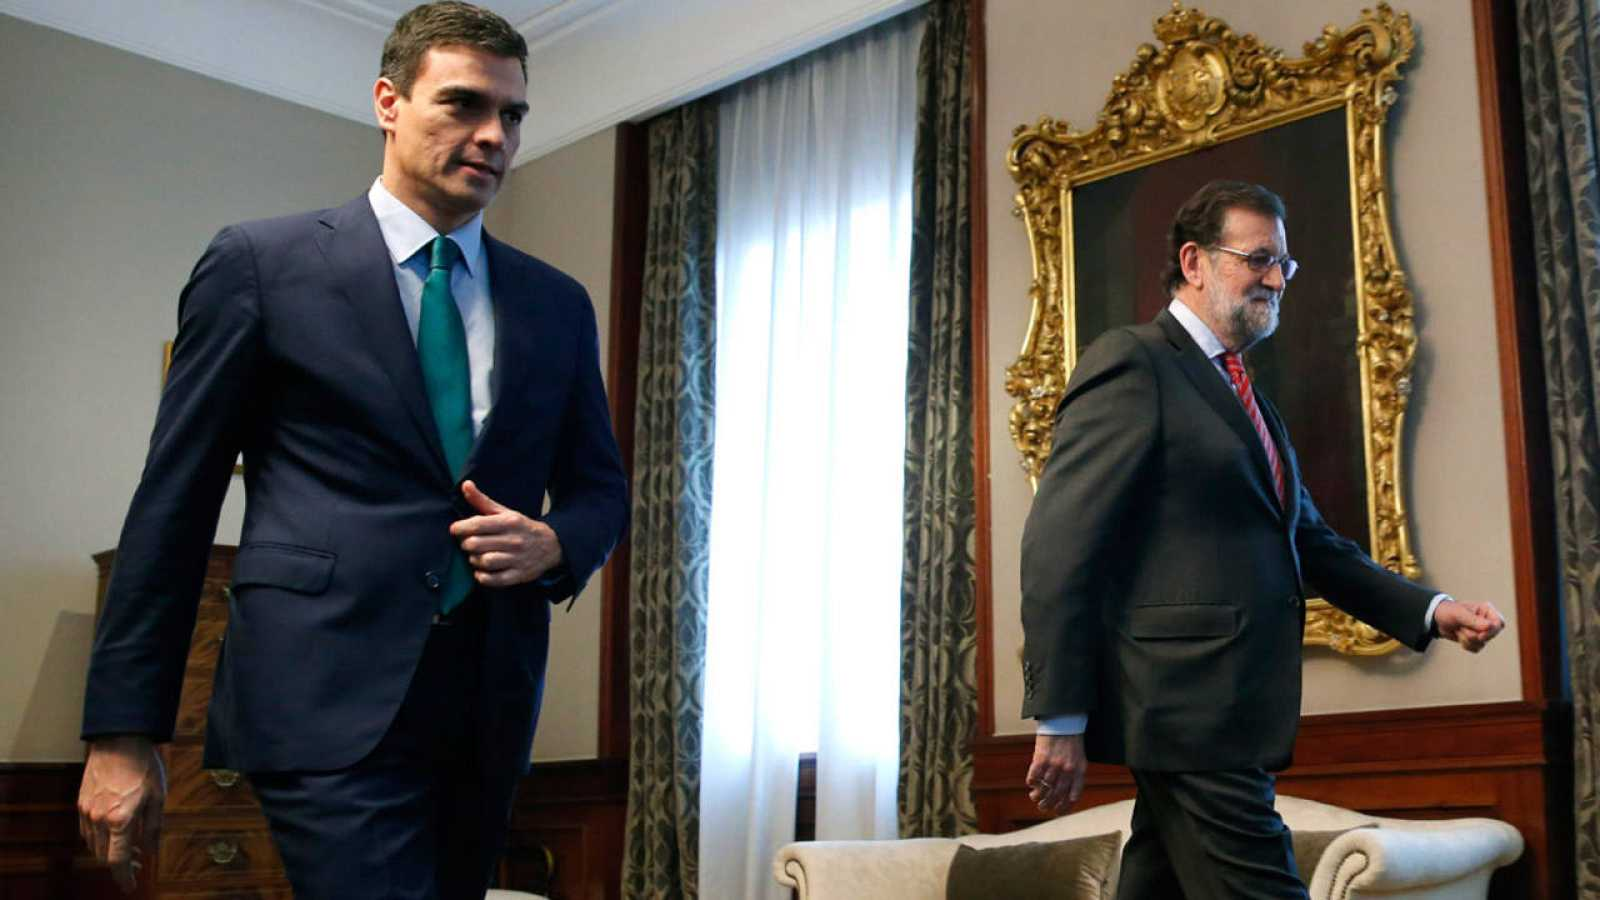 Mariano Rajoy y Pedro Sánchez, antes de la reunión entre ambos en el Congreso el 12 de febrero